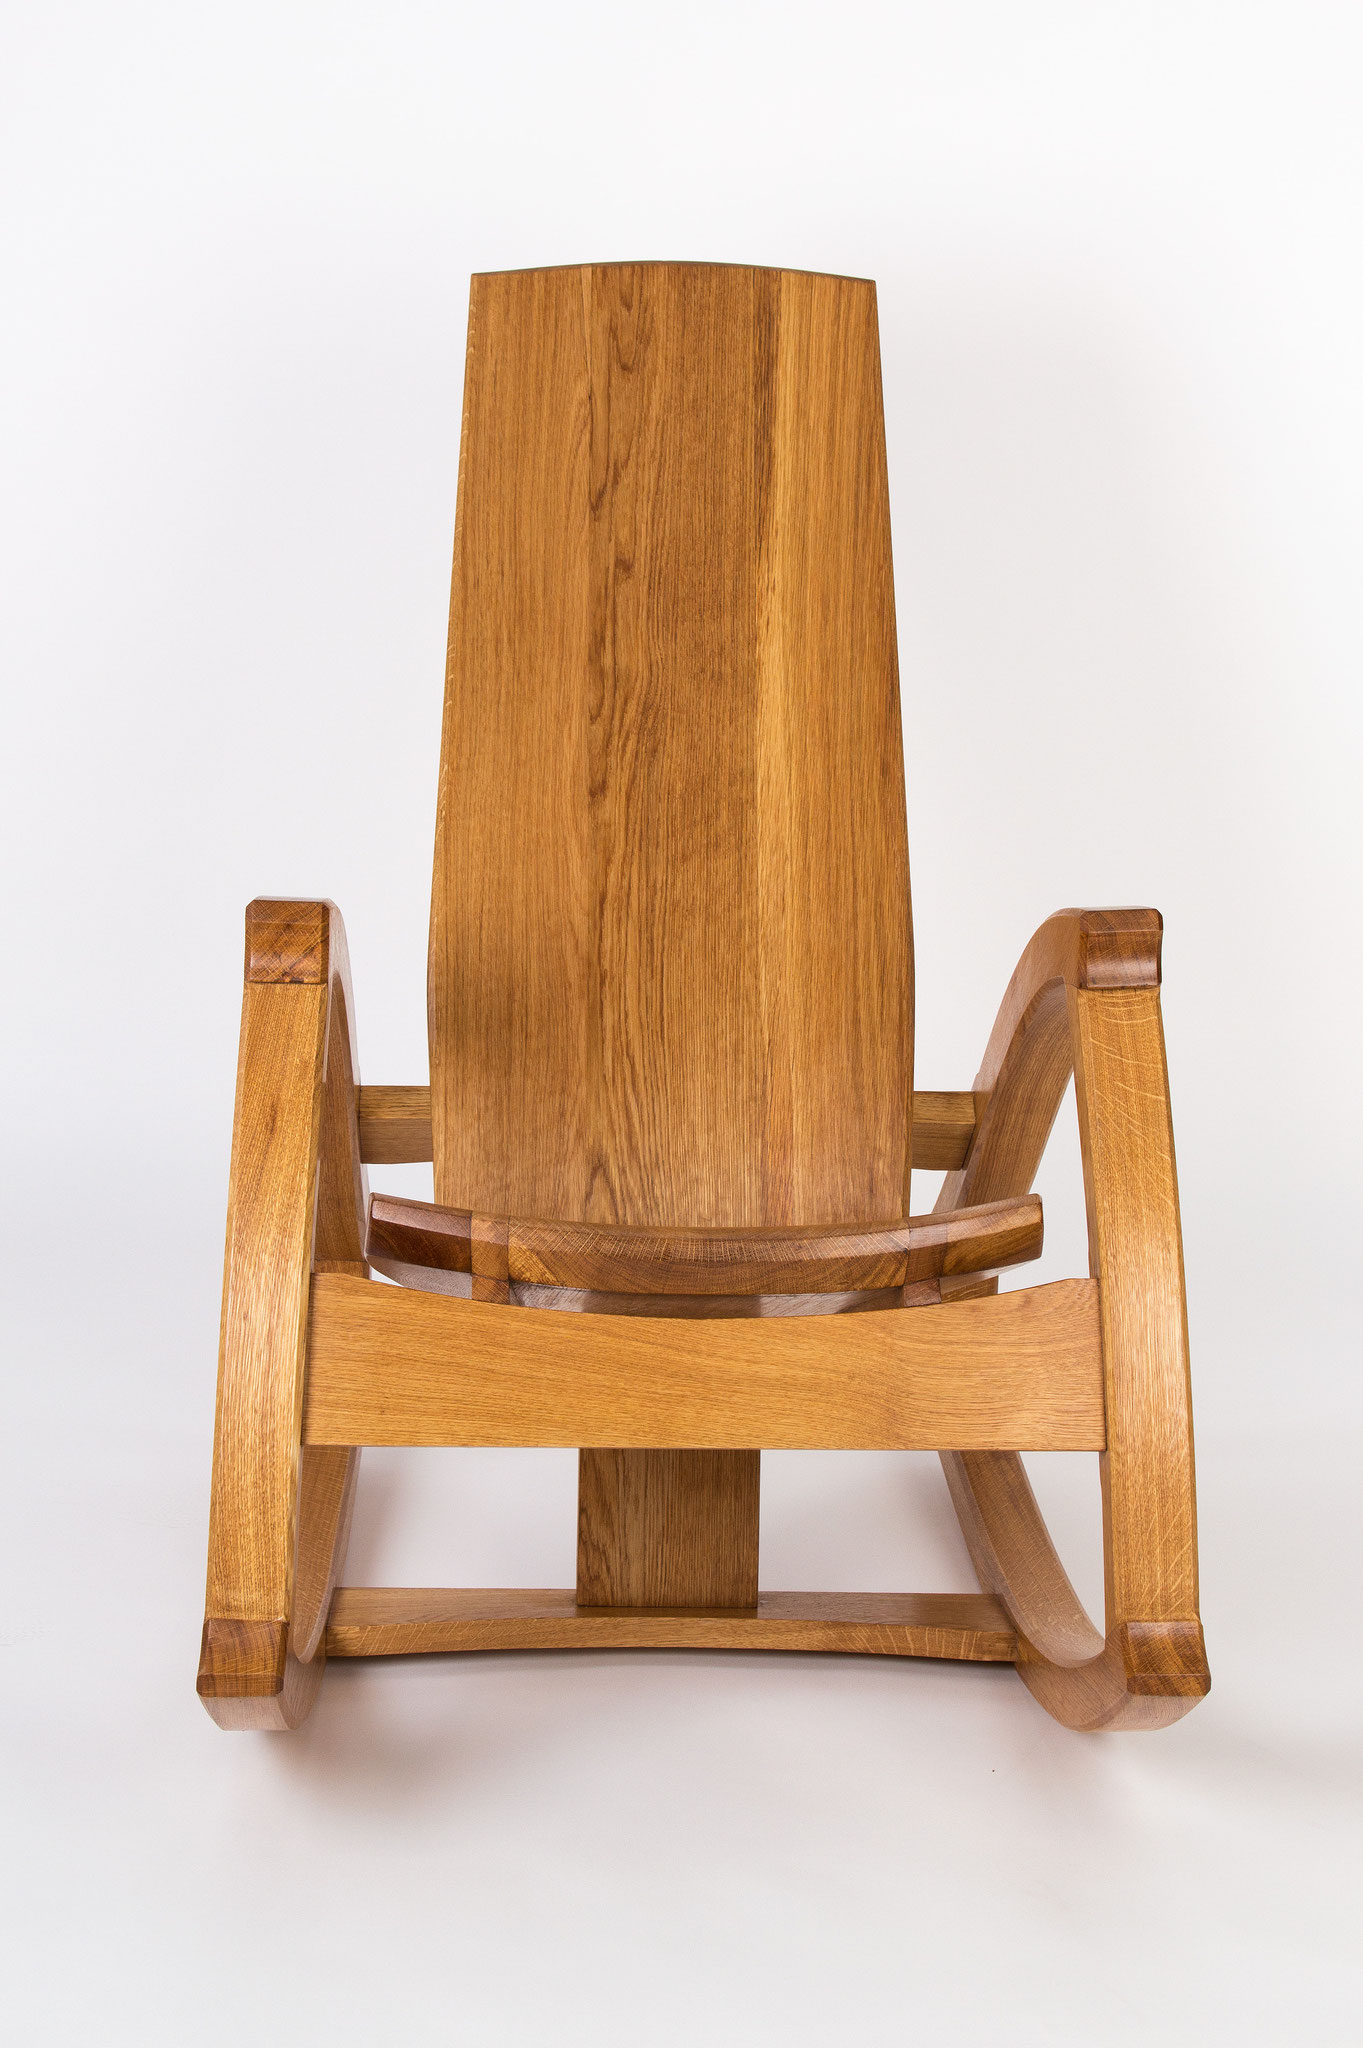 Geschnitzte Sitzfläche COS 88, unser neues Design.